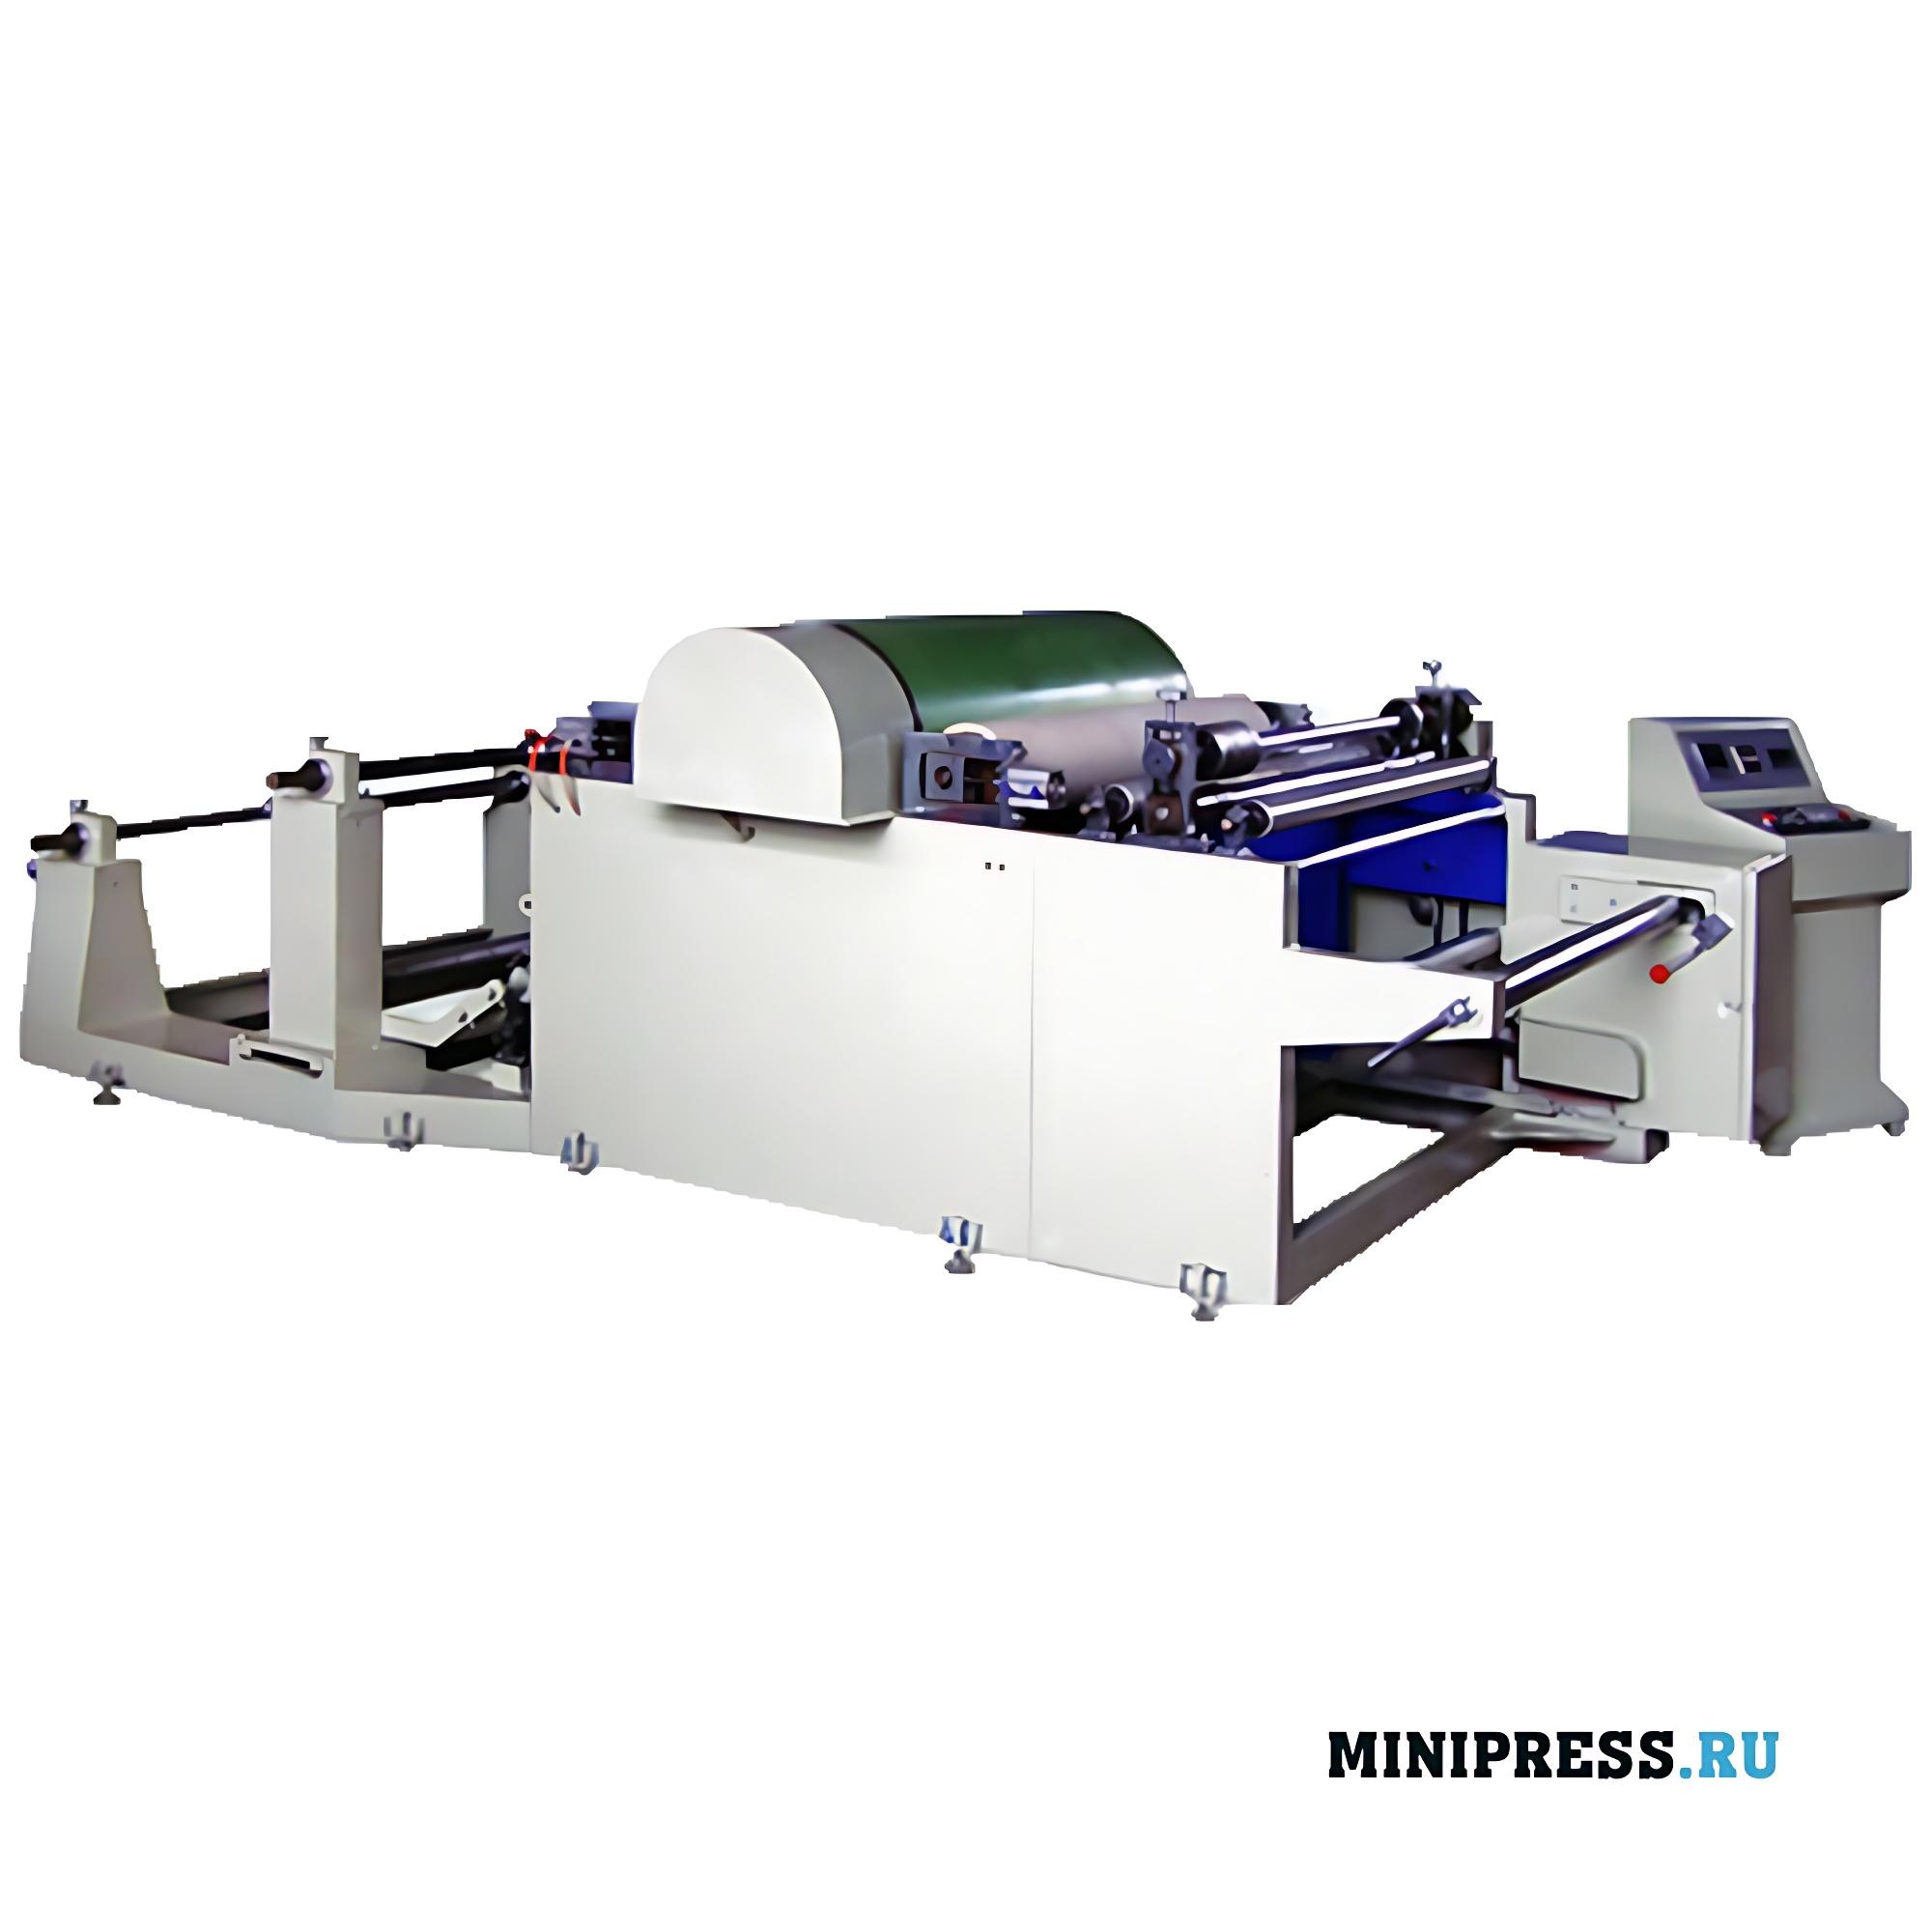 Одинарная многокомпонентная машина для ламинирования